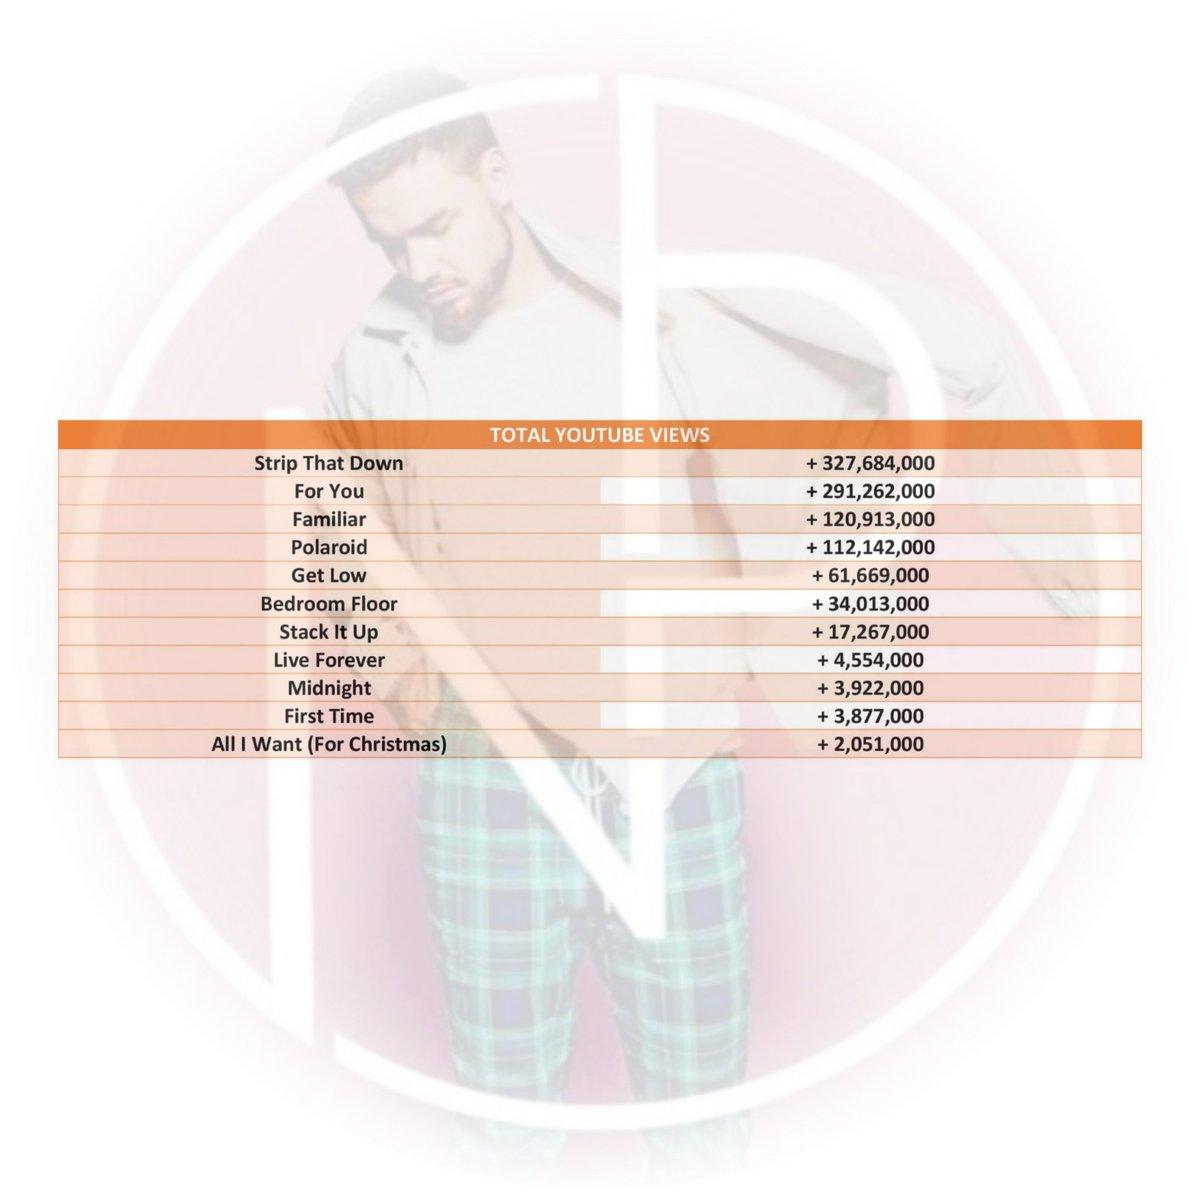 #آپدیتآخرهفته | میزان بازدیدهای تمام موزیکویدیوهای رسمی لیام تا امروز یکشنبه ۹ اوت/ ۱۹ مرداد در یوتیوب! #WeekendUpdate | All @LiamPayne's official music videos YouTube views till August 9, 2020. pic.twitter.com/wzWQnRbRe6